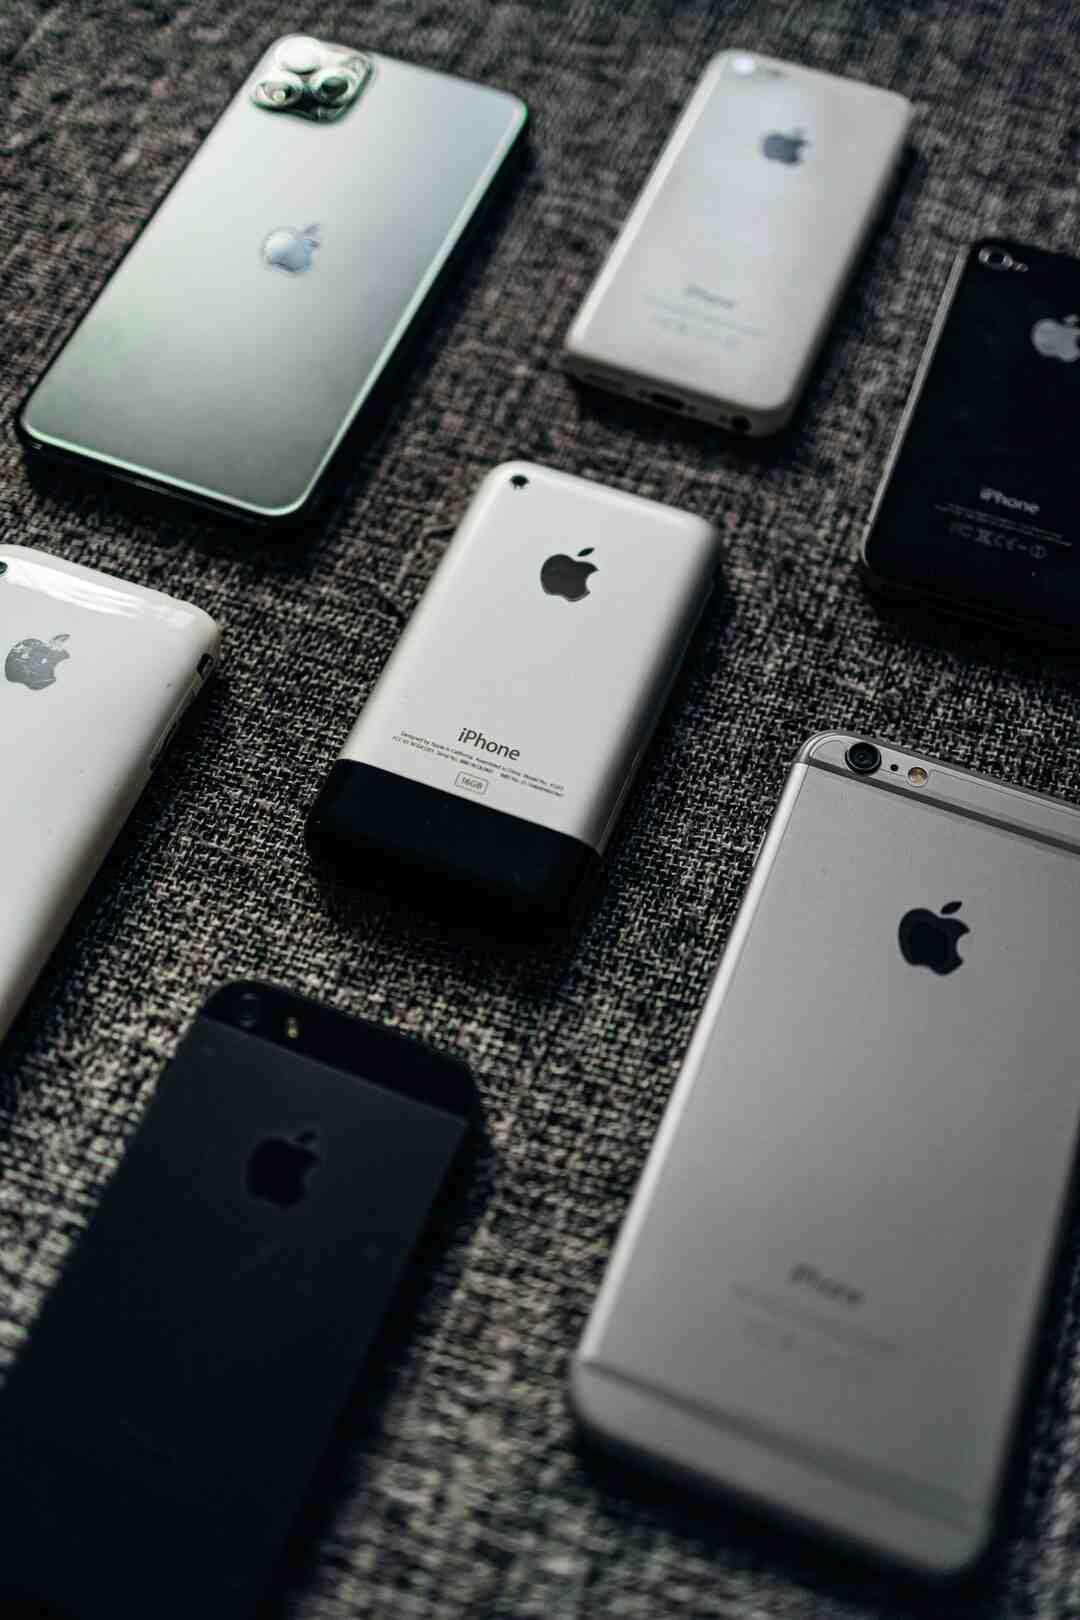 Comment savoir quel iphone on a